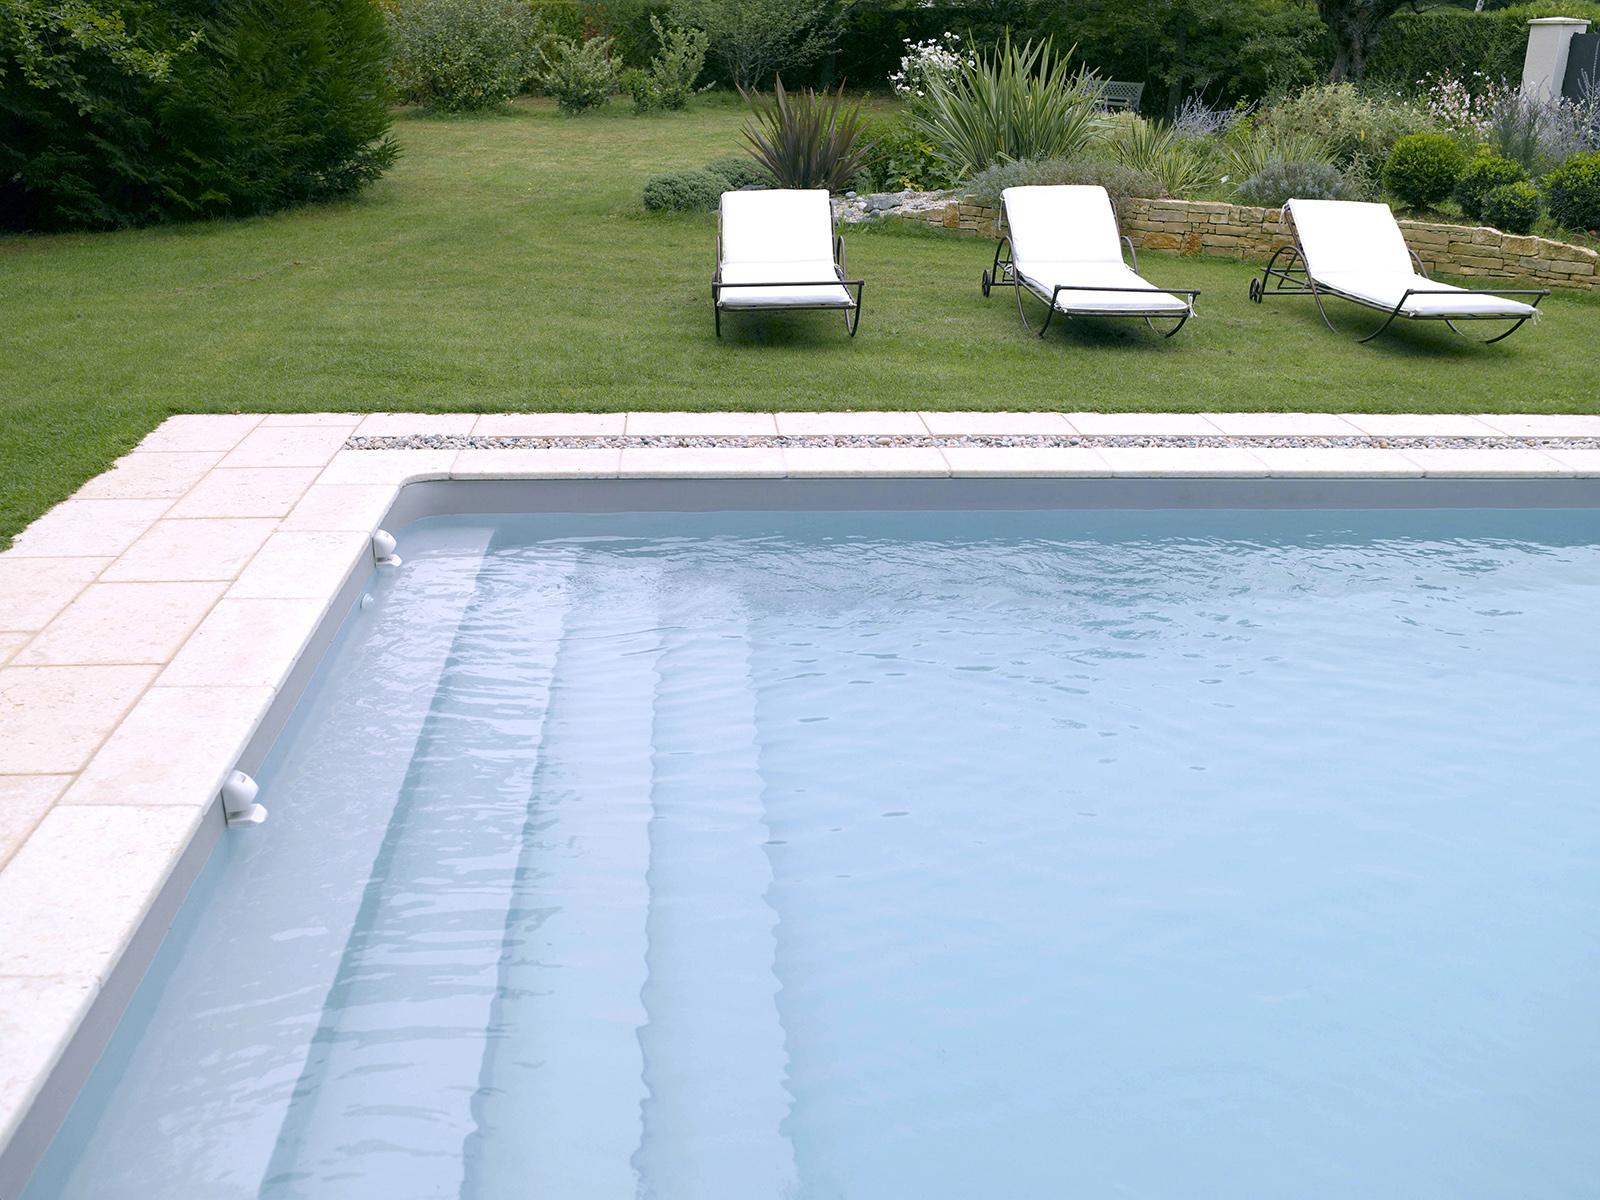 escalier piscine sur la longueur